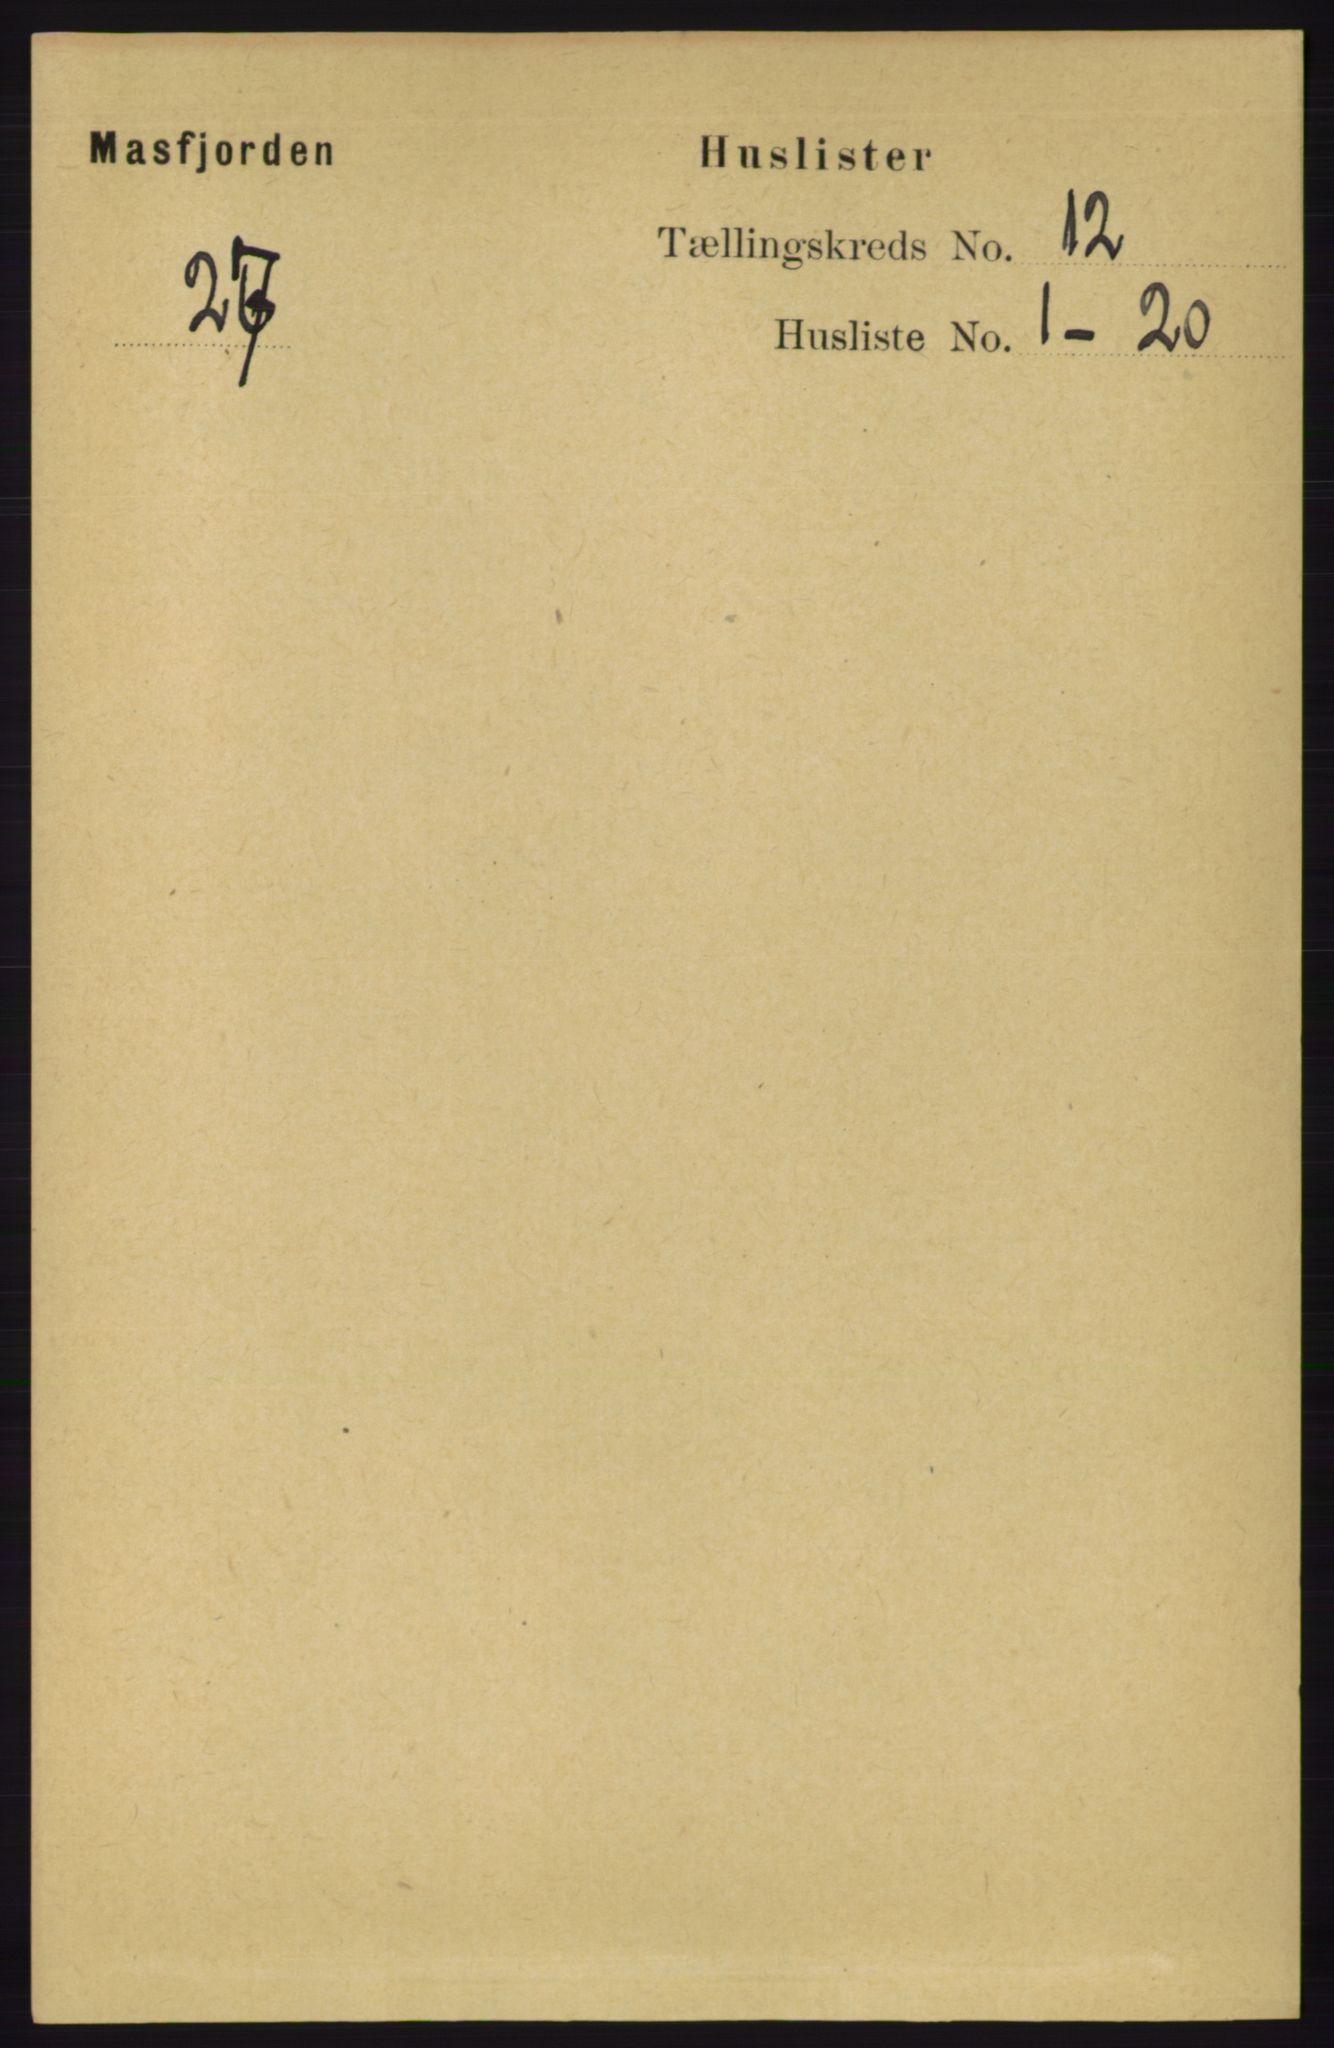 RA, Folketelling 1891 for 1266 Masfjorden herred, 1891, s. 2431